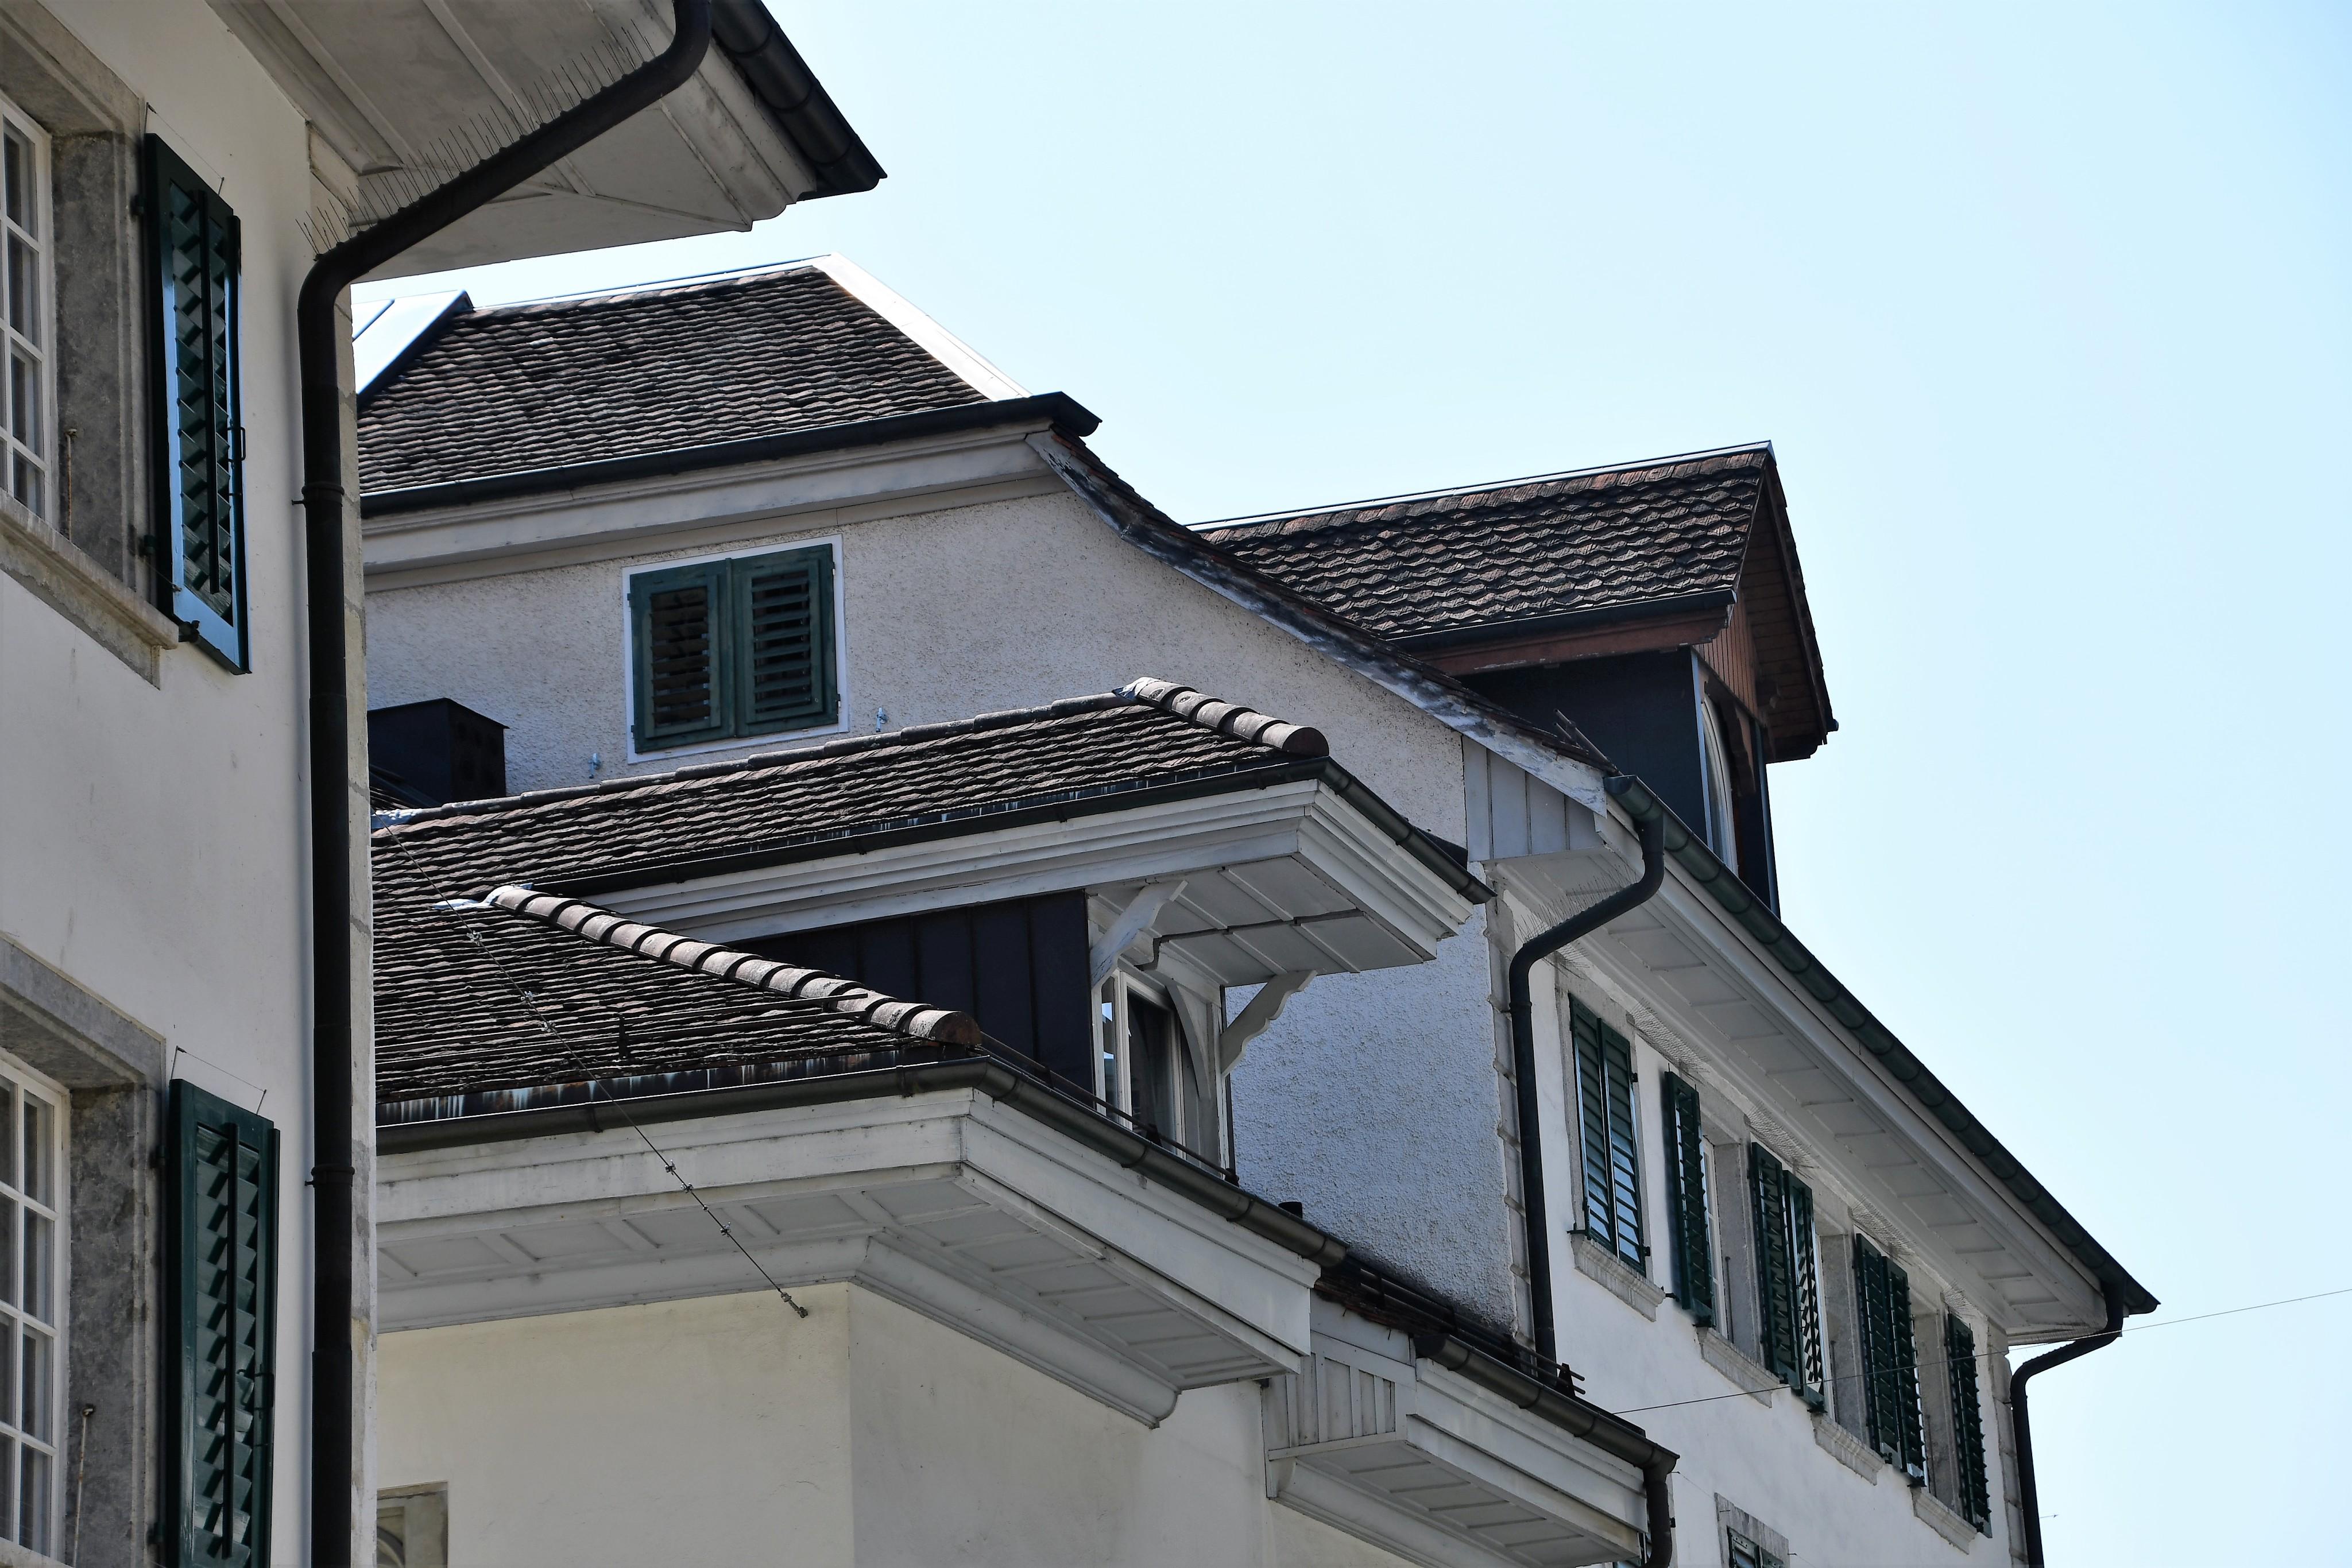 altstadt-solothurn-24.08-2